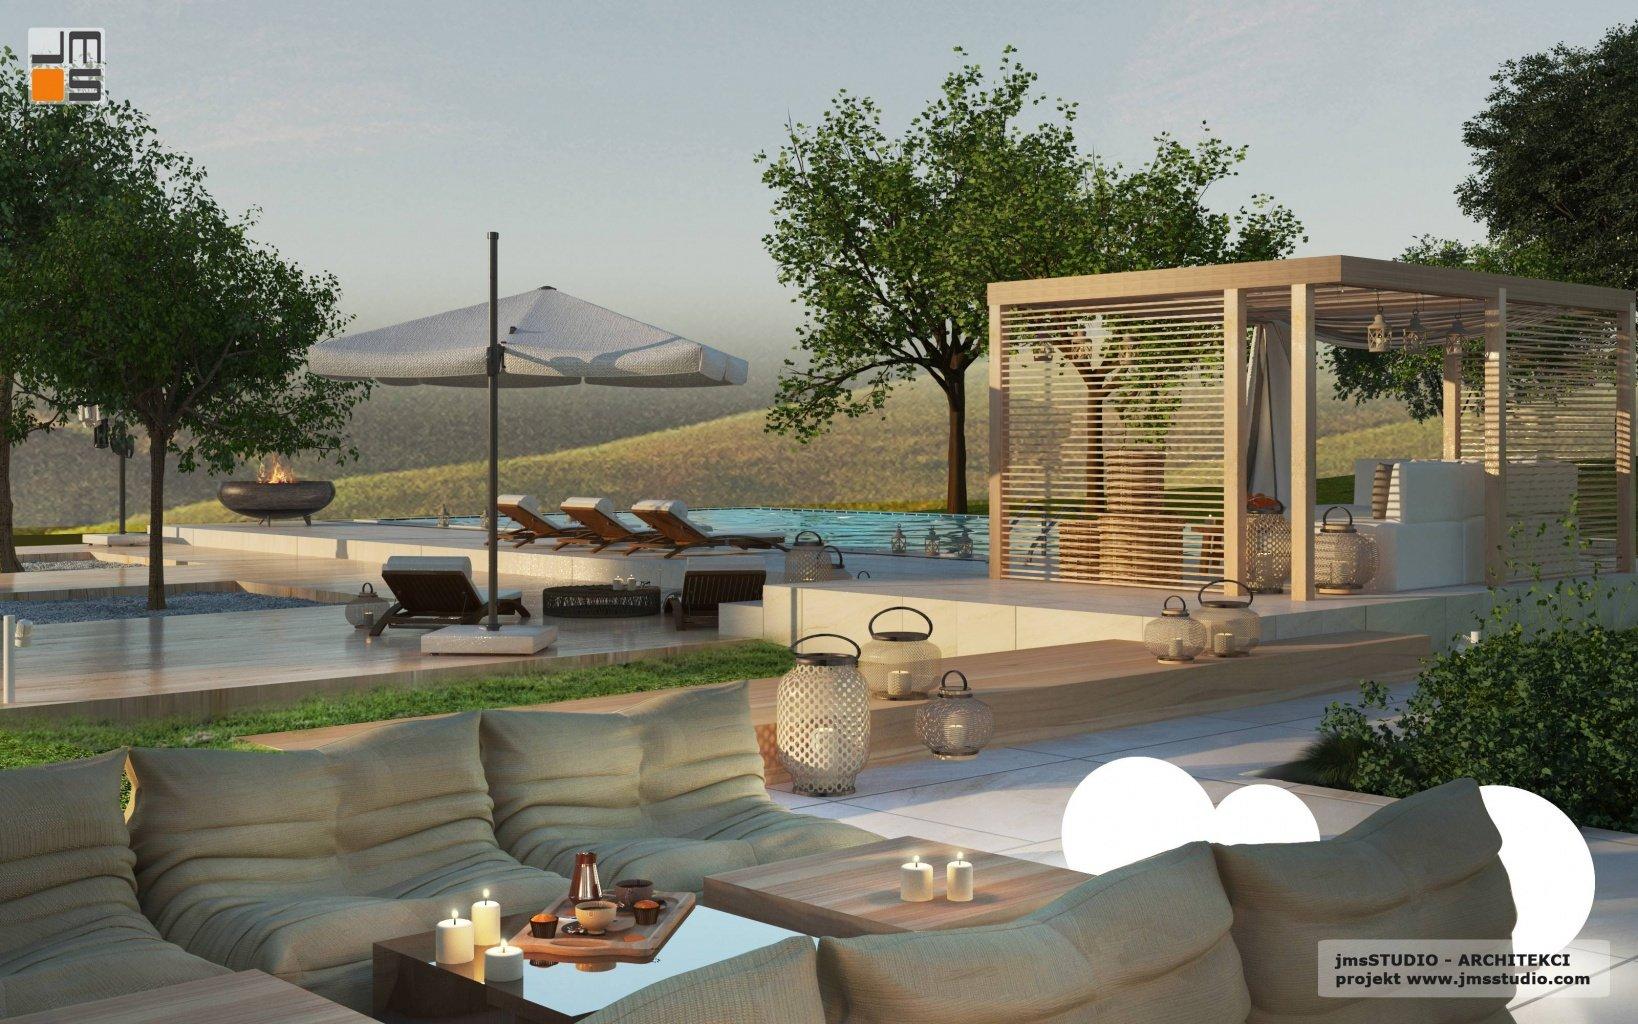 strefa relaksu to pomysł na taras w nowoczesny projekt domu rezydencja z basenem w Kraków z pergolą